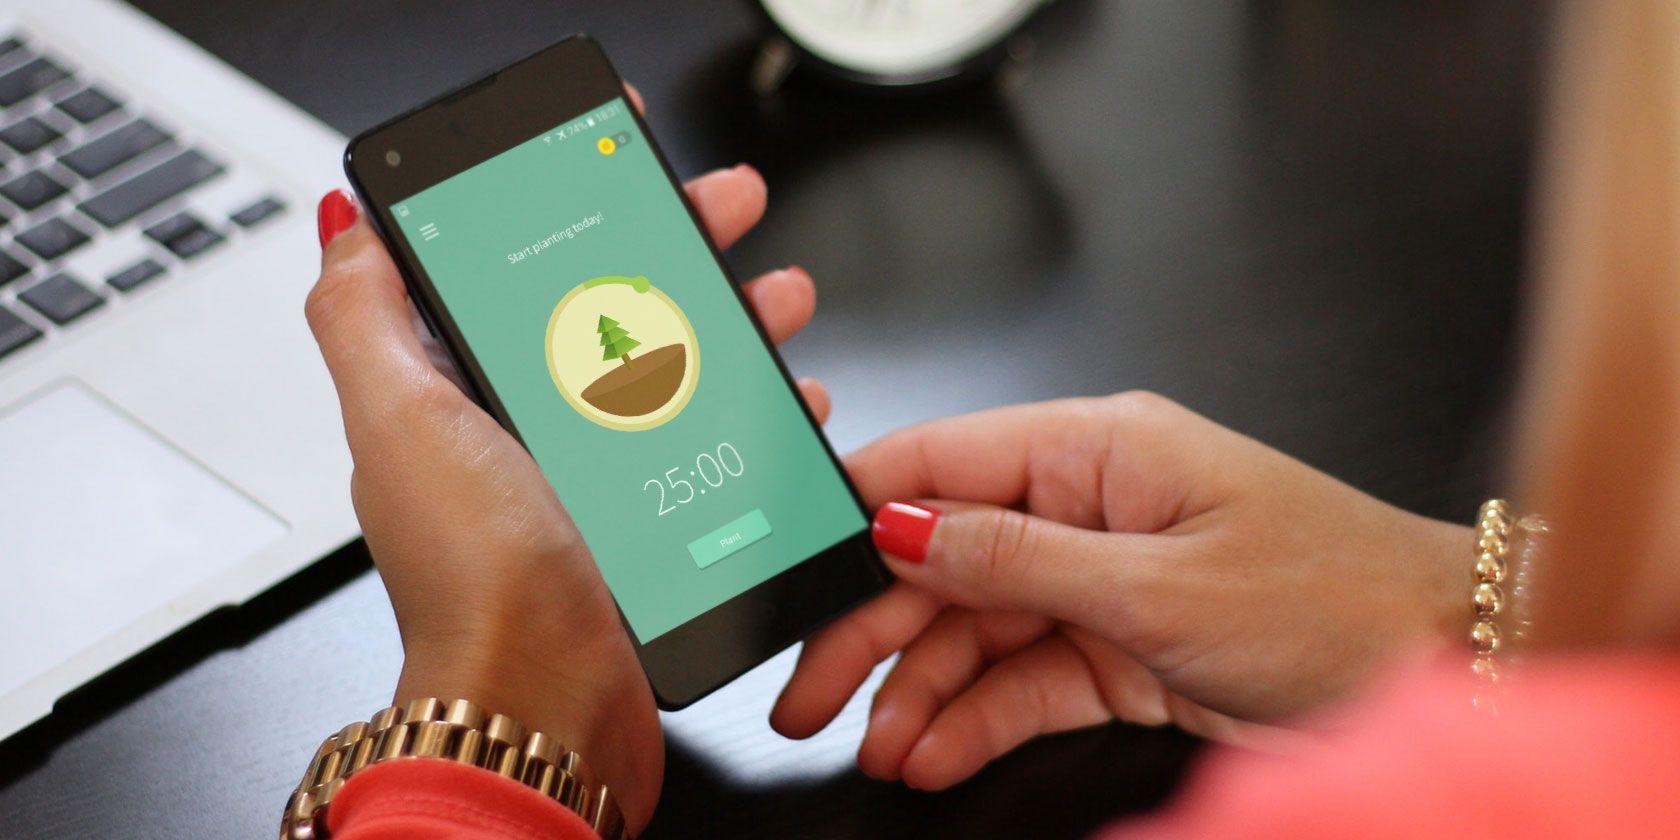 evitare distrazioni-Android